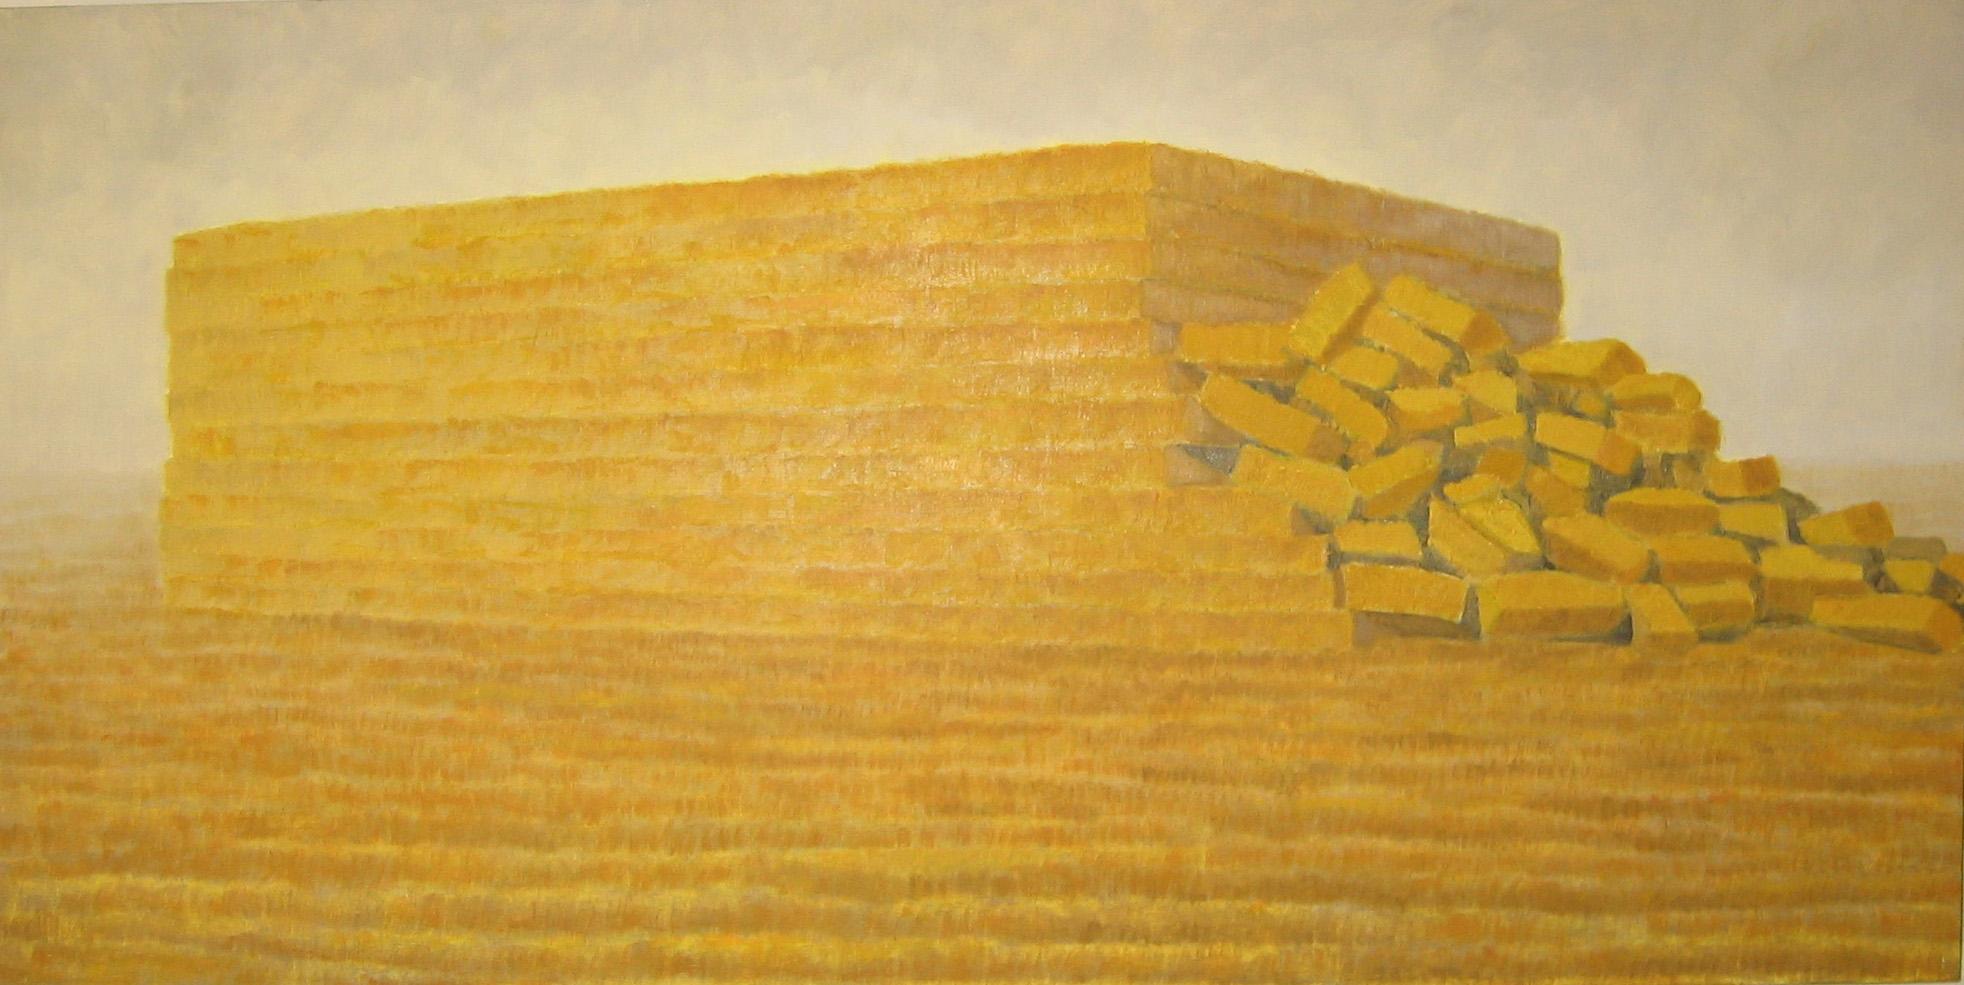 ENFOQUE B2 2003